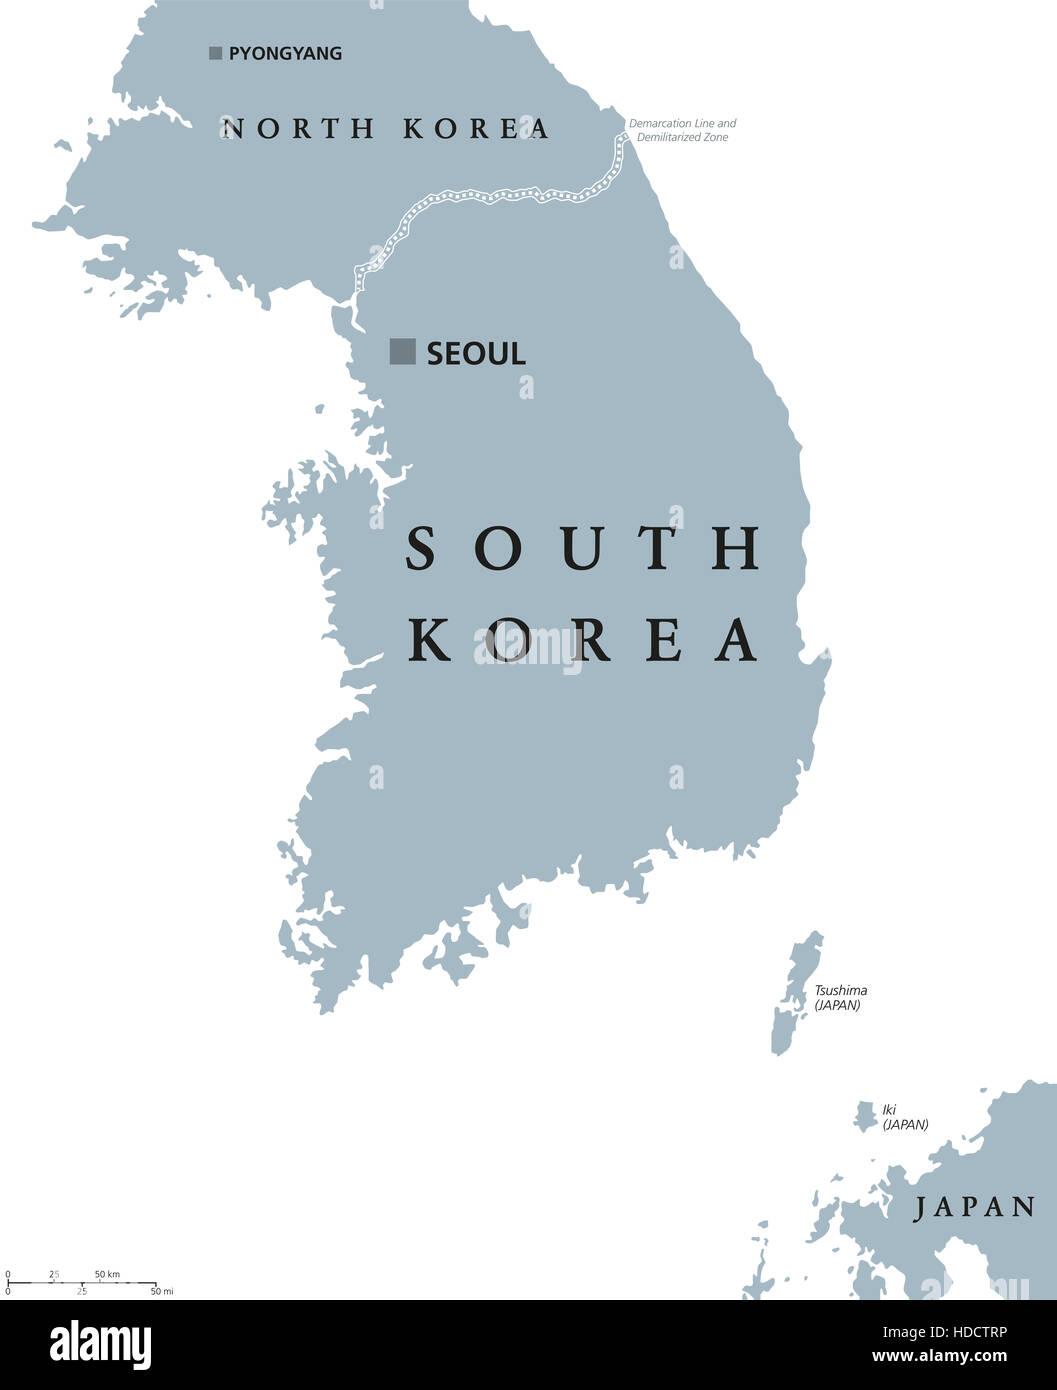 Stumme Karte Asien Lander Hauptstadte.Politische Landkarte Sudkorea Mit Der Hauptstadt Seoul Und